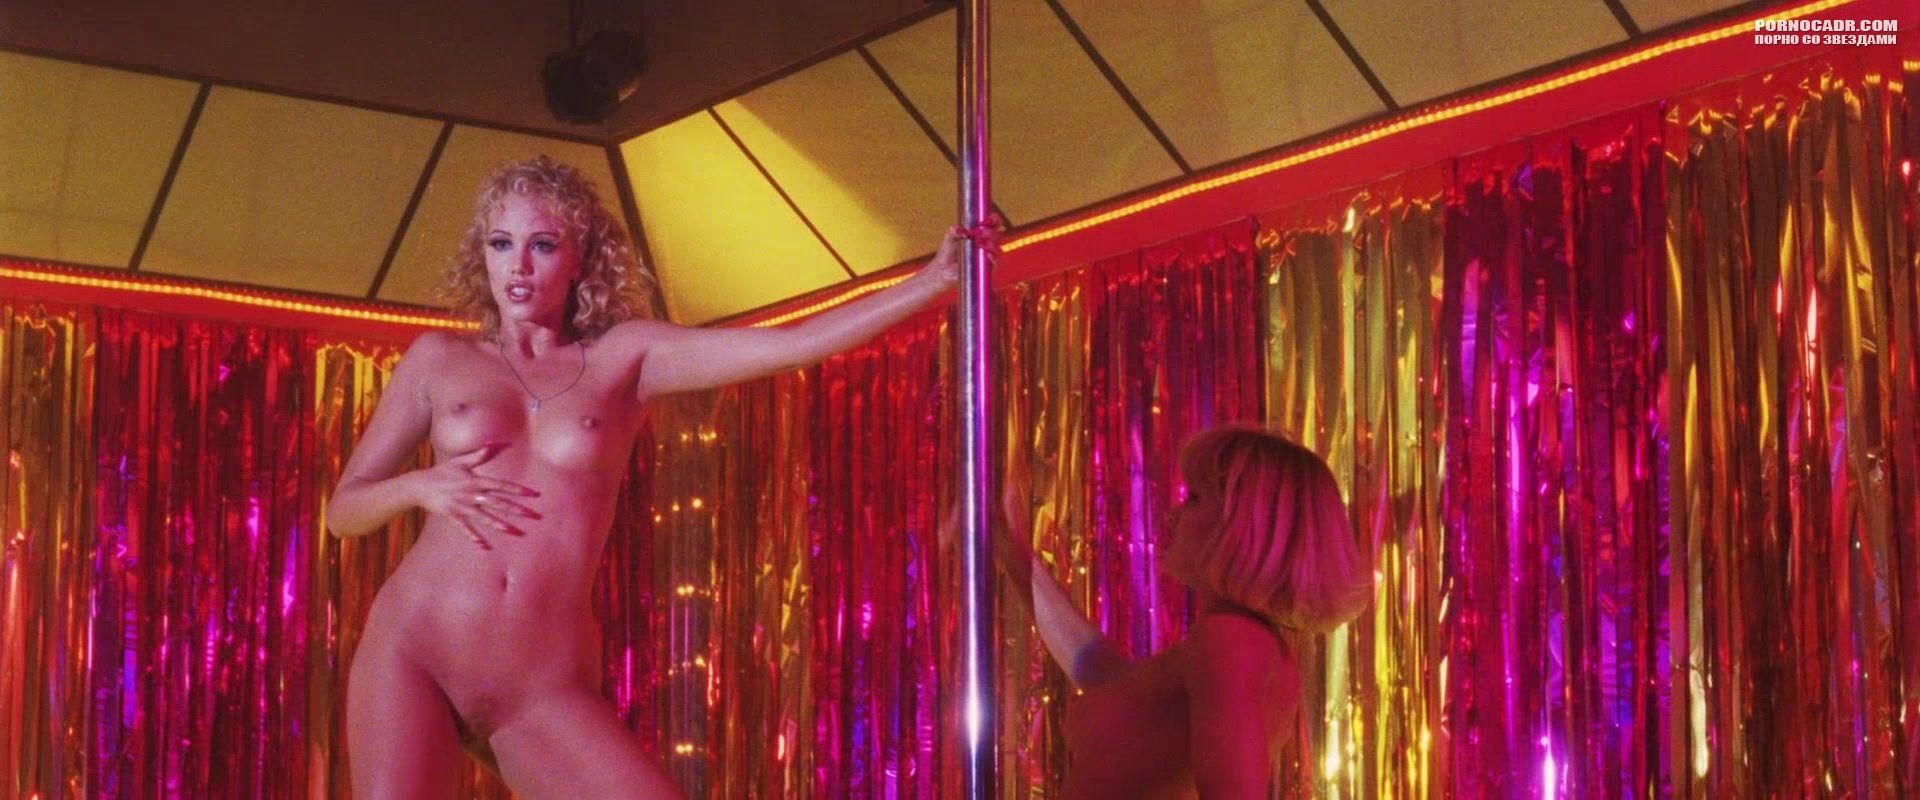 eroticheskie-kastingi-video